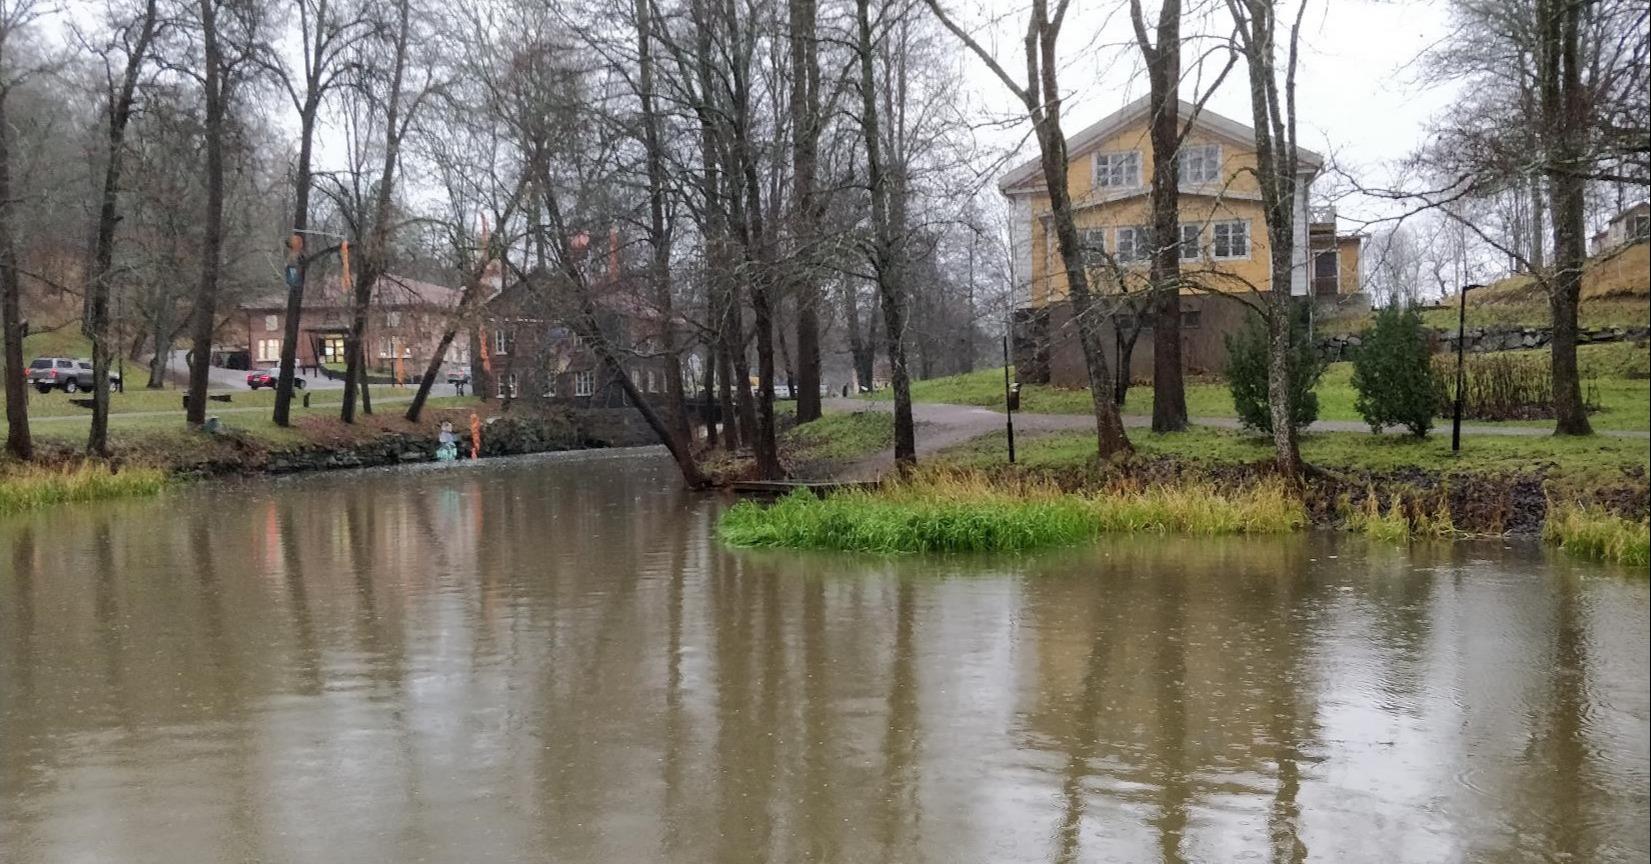 Marraskuun sateet ovat nostaneet Fiskarsinjoen pintaa.län läpi.